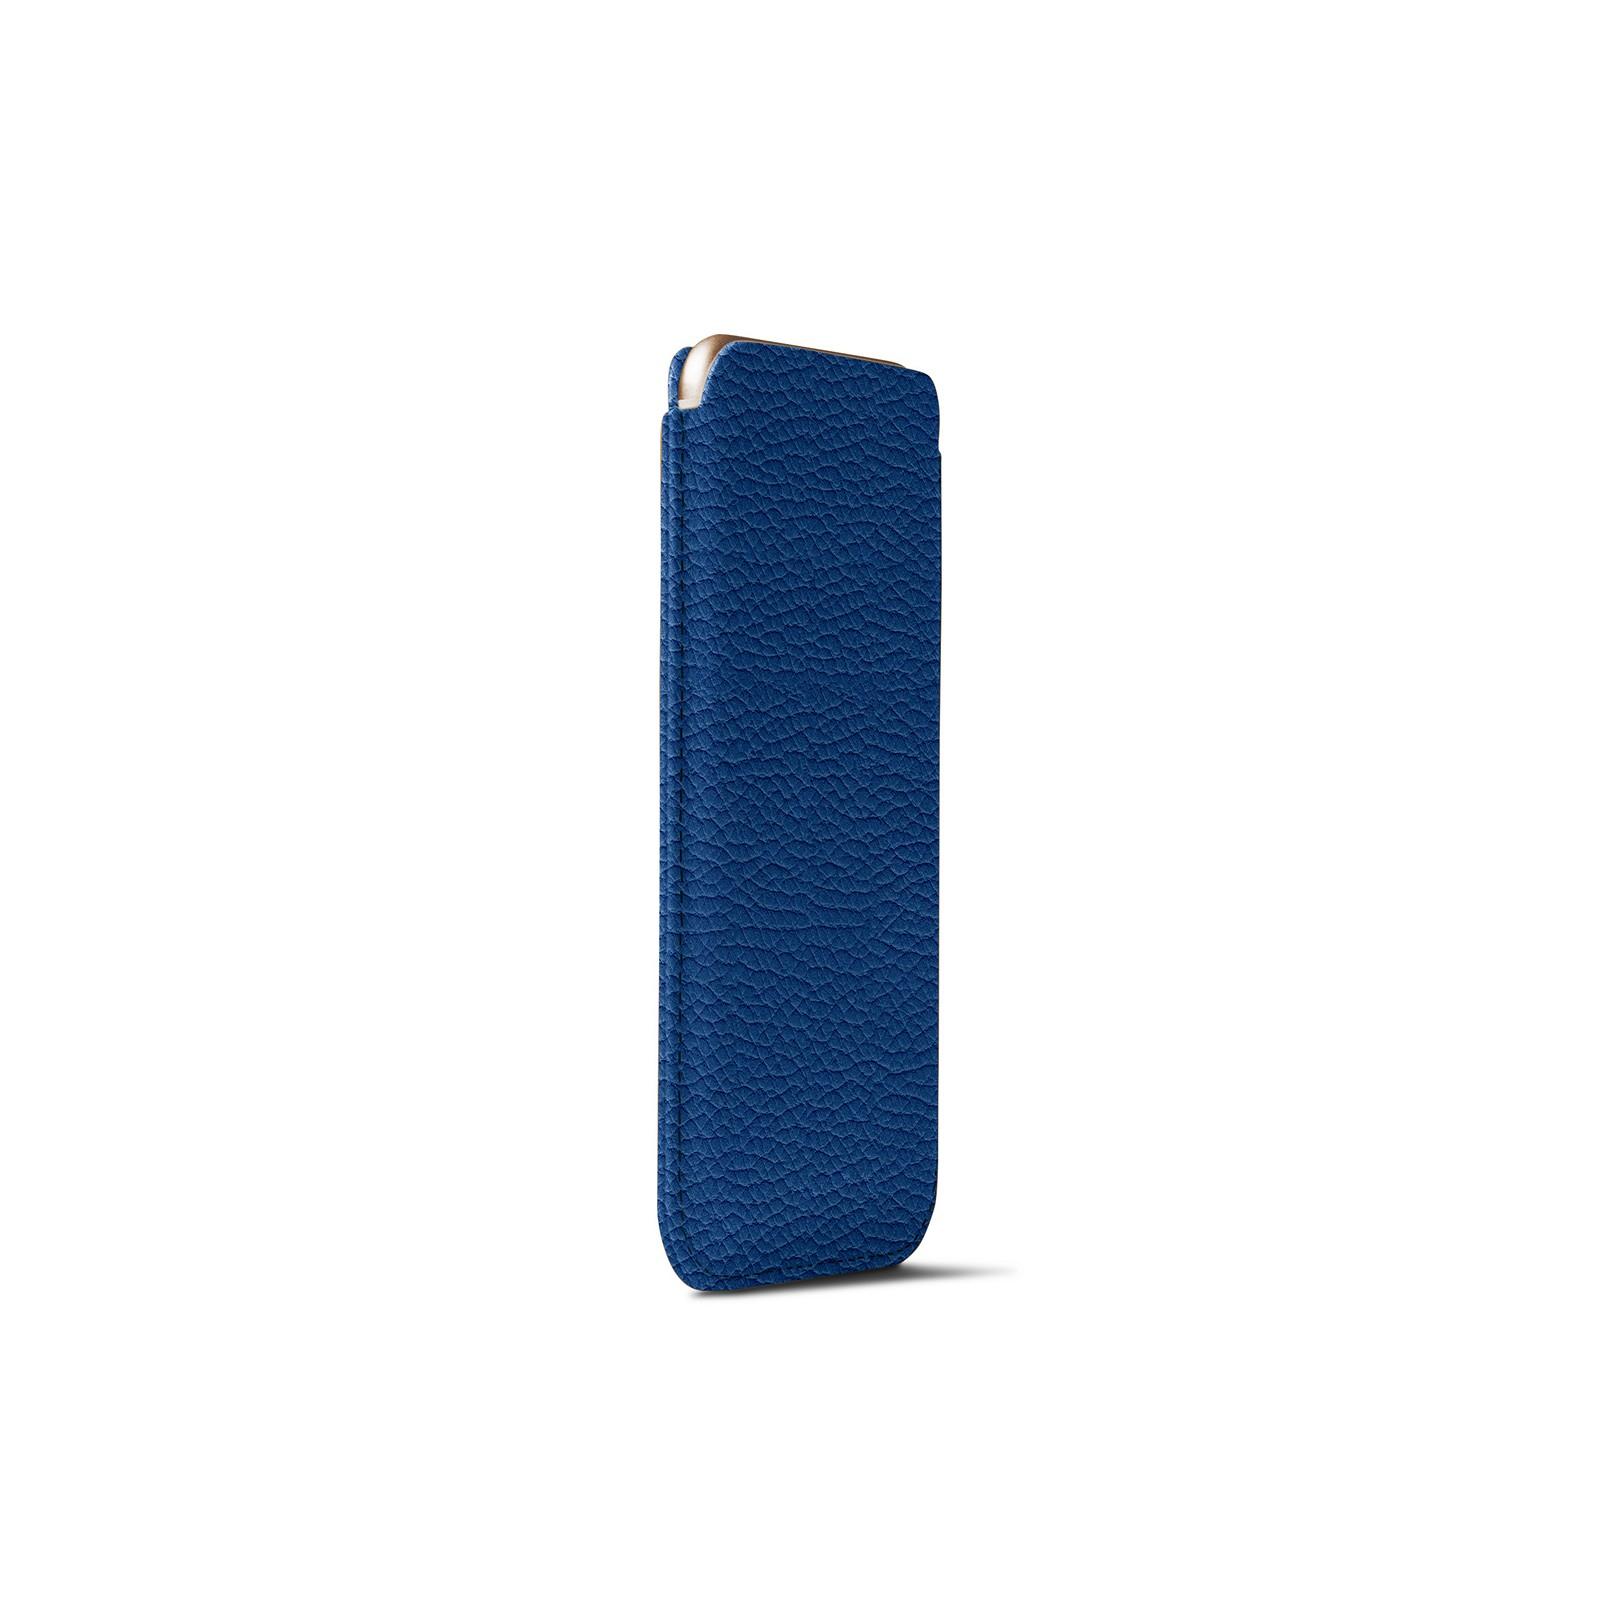 9852d959199 Funda para iPhone 8 Plus con correa de extracción Cielo Azul - Piel Grano  Funda para iPhone 8 Plus con correa de extracción Cielo Azul - Piel Grano 